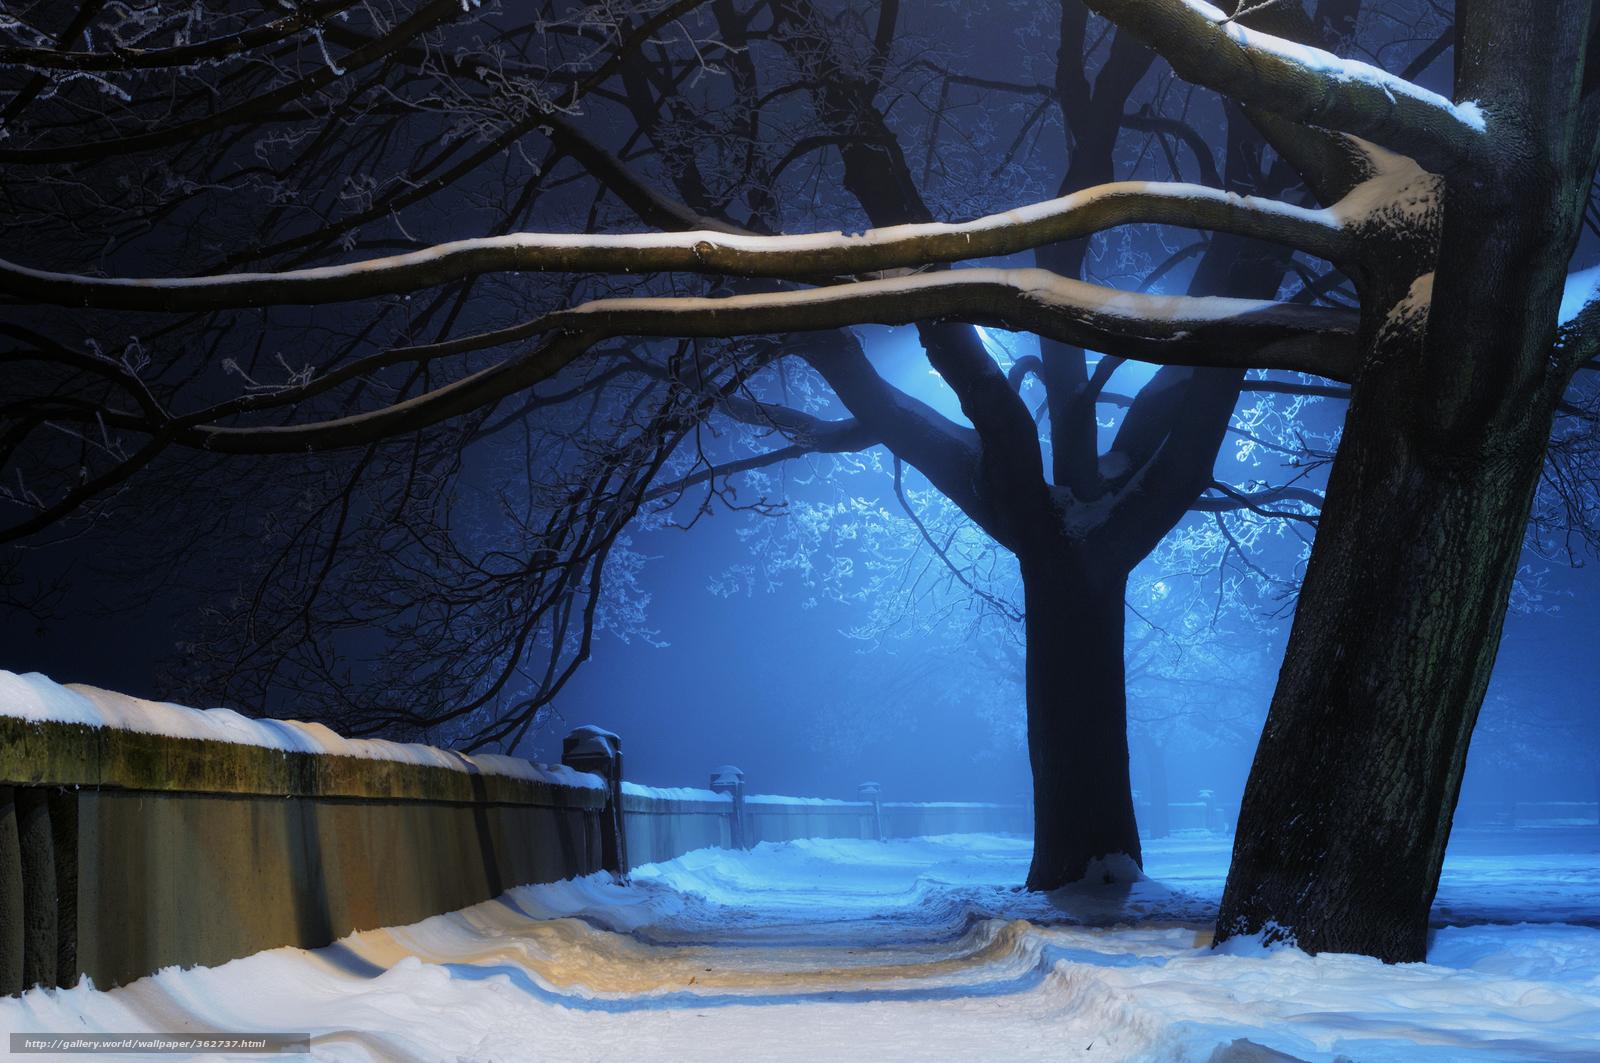 Tlcharger Fond d'ecran Nature,  hiver,  arbres,  parc Fonds d'ecran gratuits pour votre rsolution du bureau 2560x1700 — image №362737